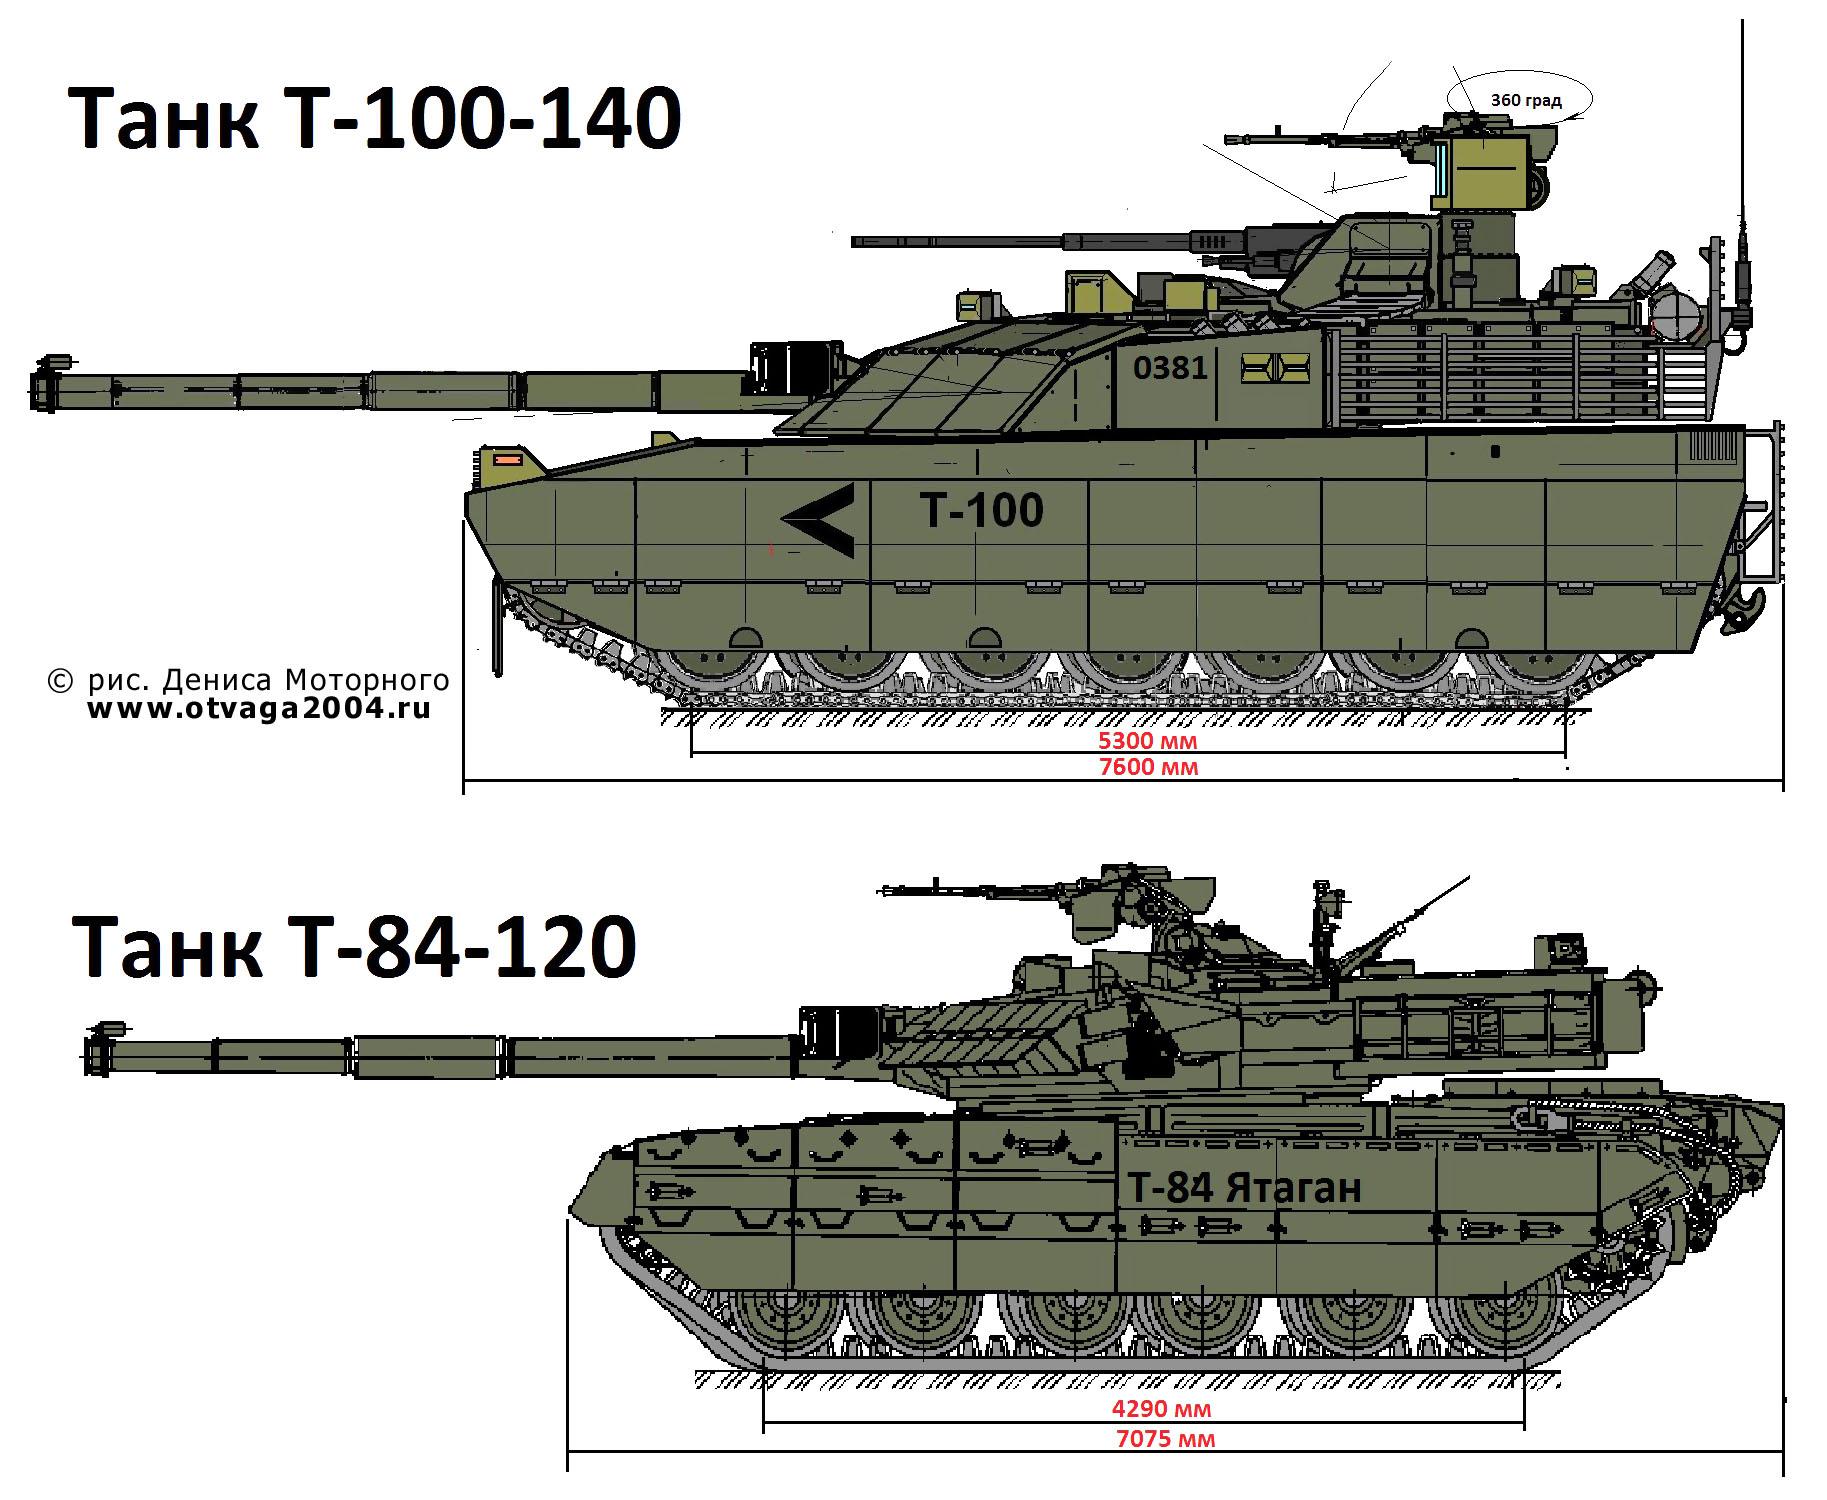 Рис. 6. Сравнительные боковые проекции танков Т-100-140 и Т-84-120